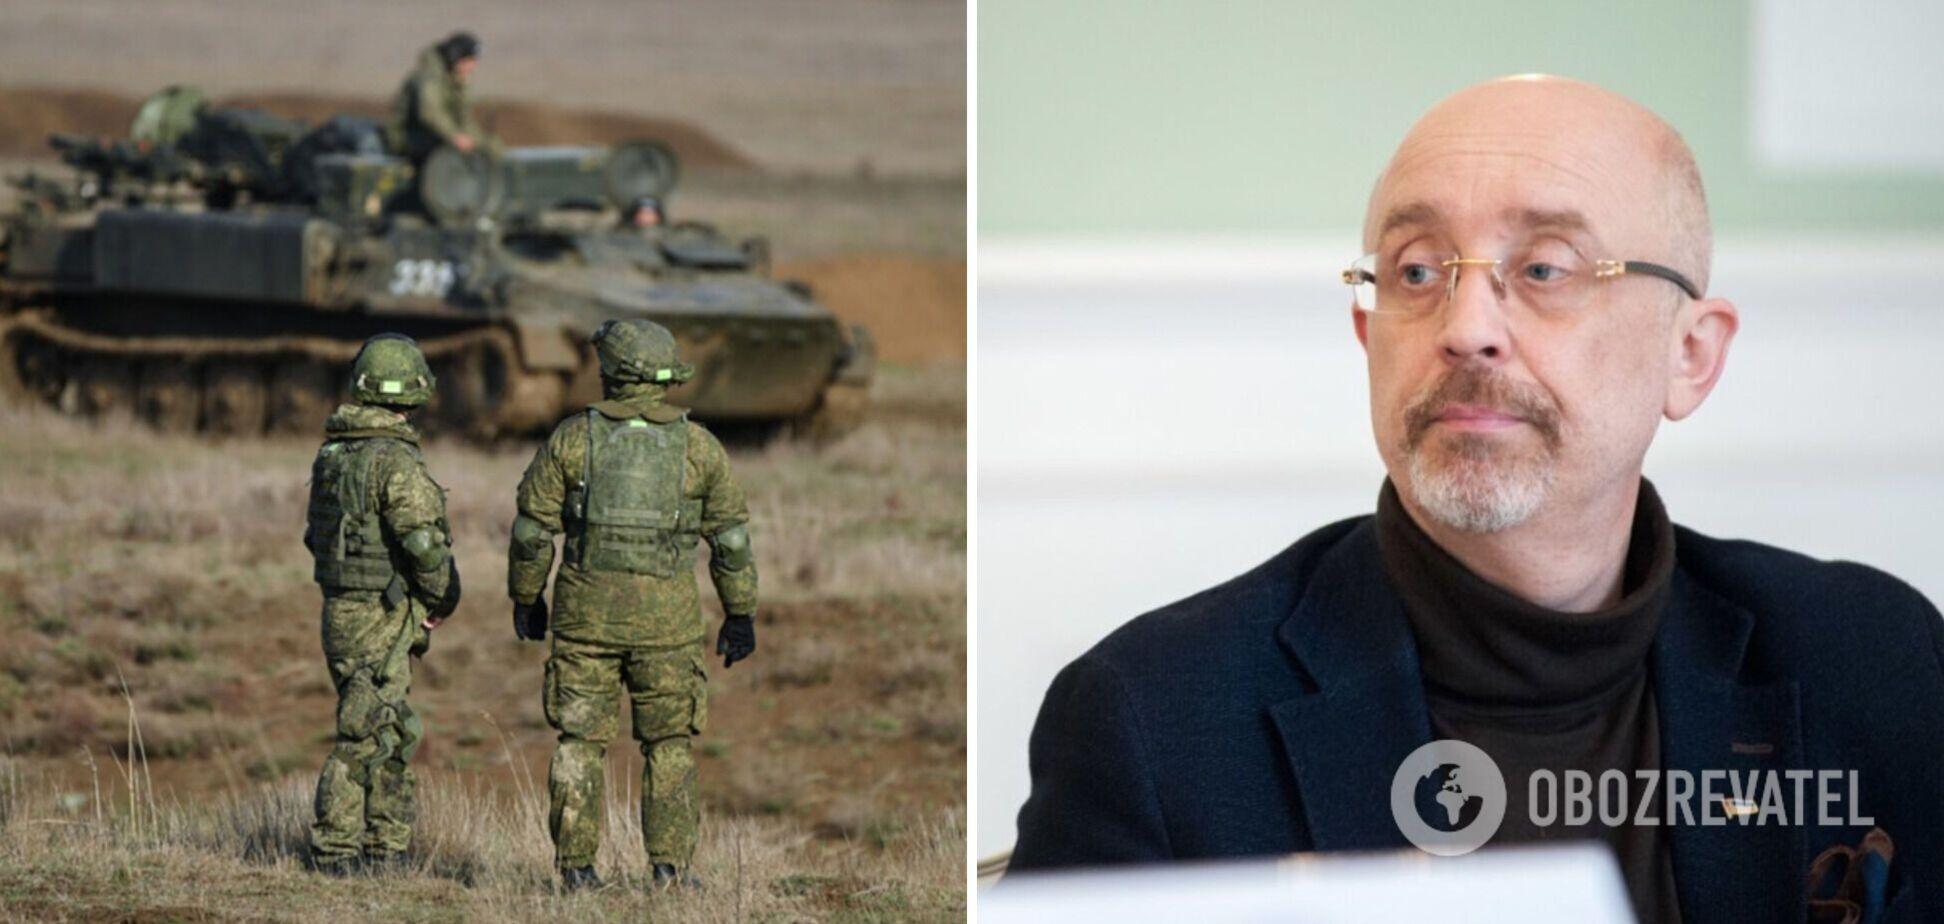 Резников объяснил, почему Россия не будет атаковать Украину